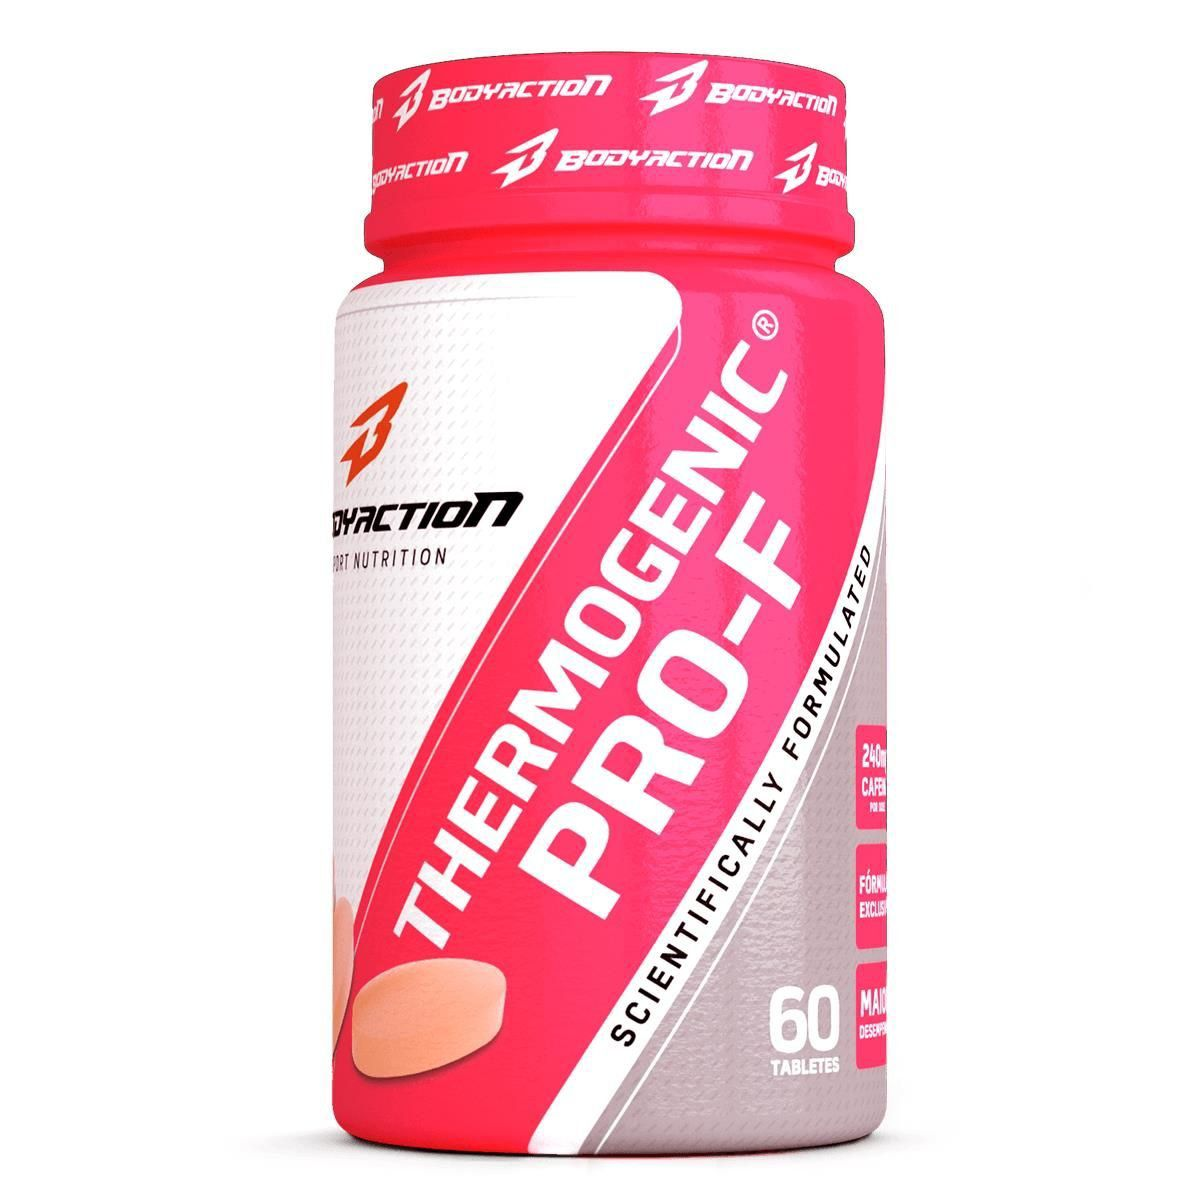 Thermogenico Thermogenic Pro-f Feminino 60 tablets BodyAction